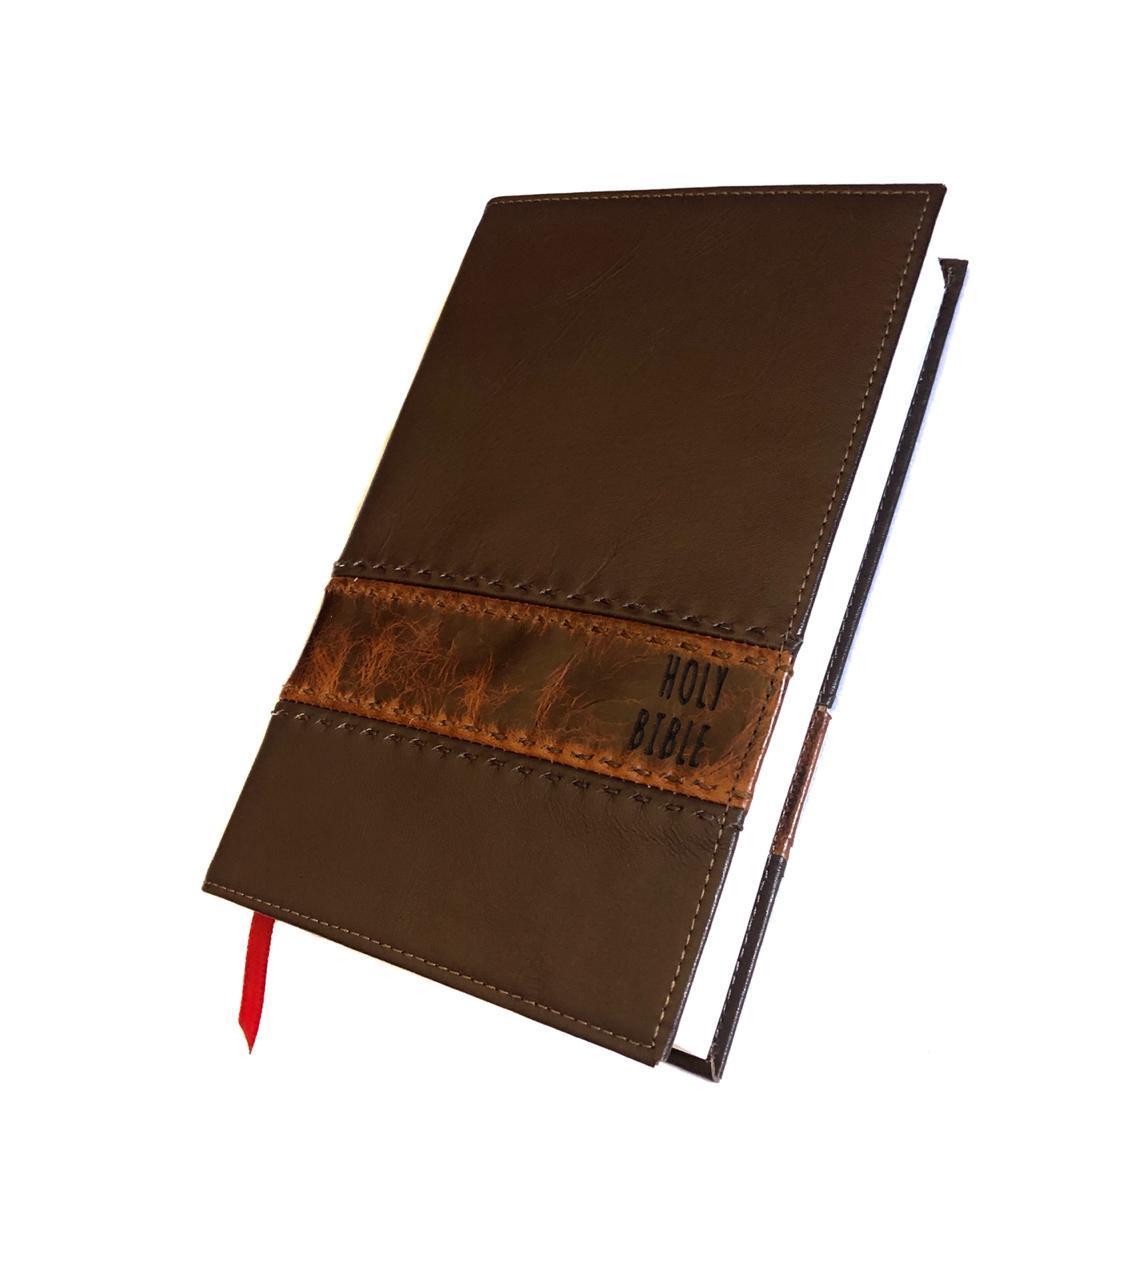 BÍBLIA COM CAPA DE COURO MARROM COM COSTURA A MÃO